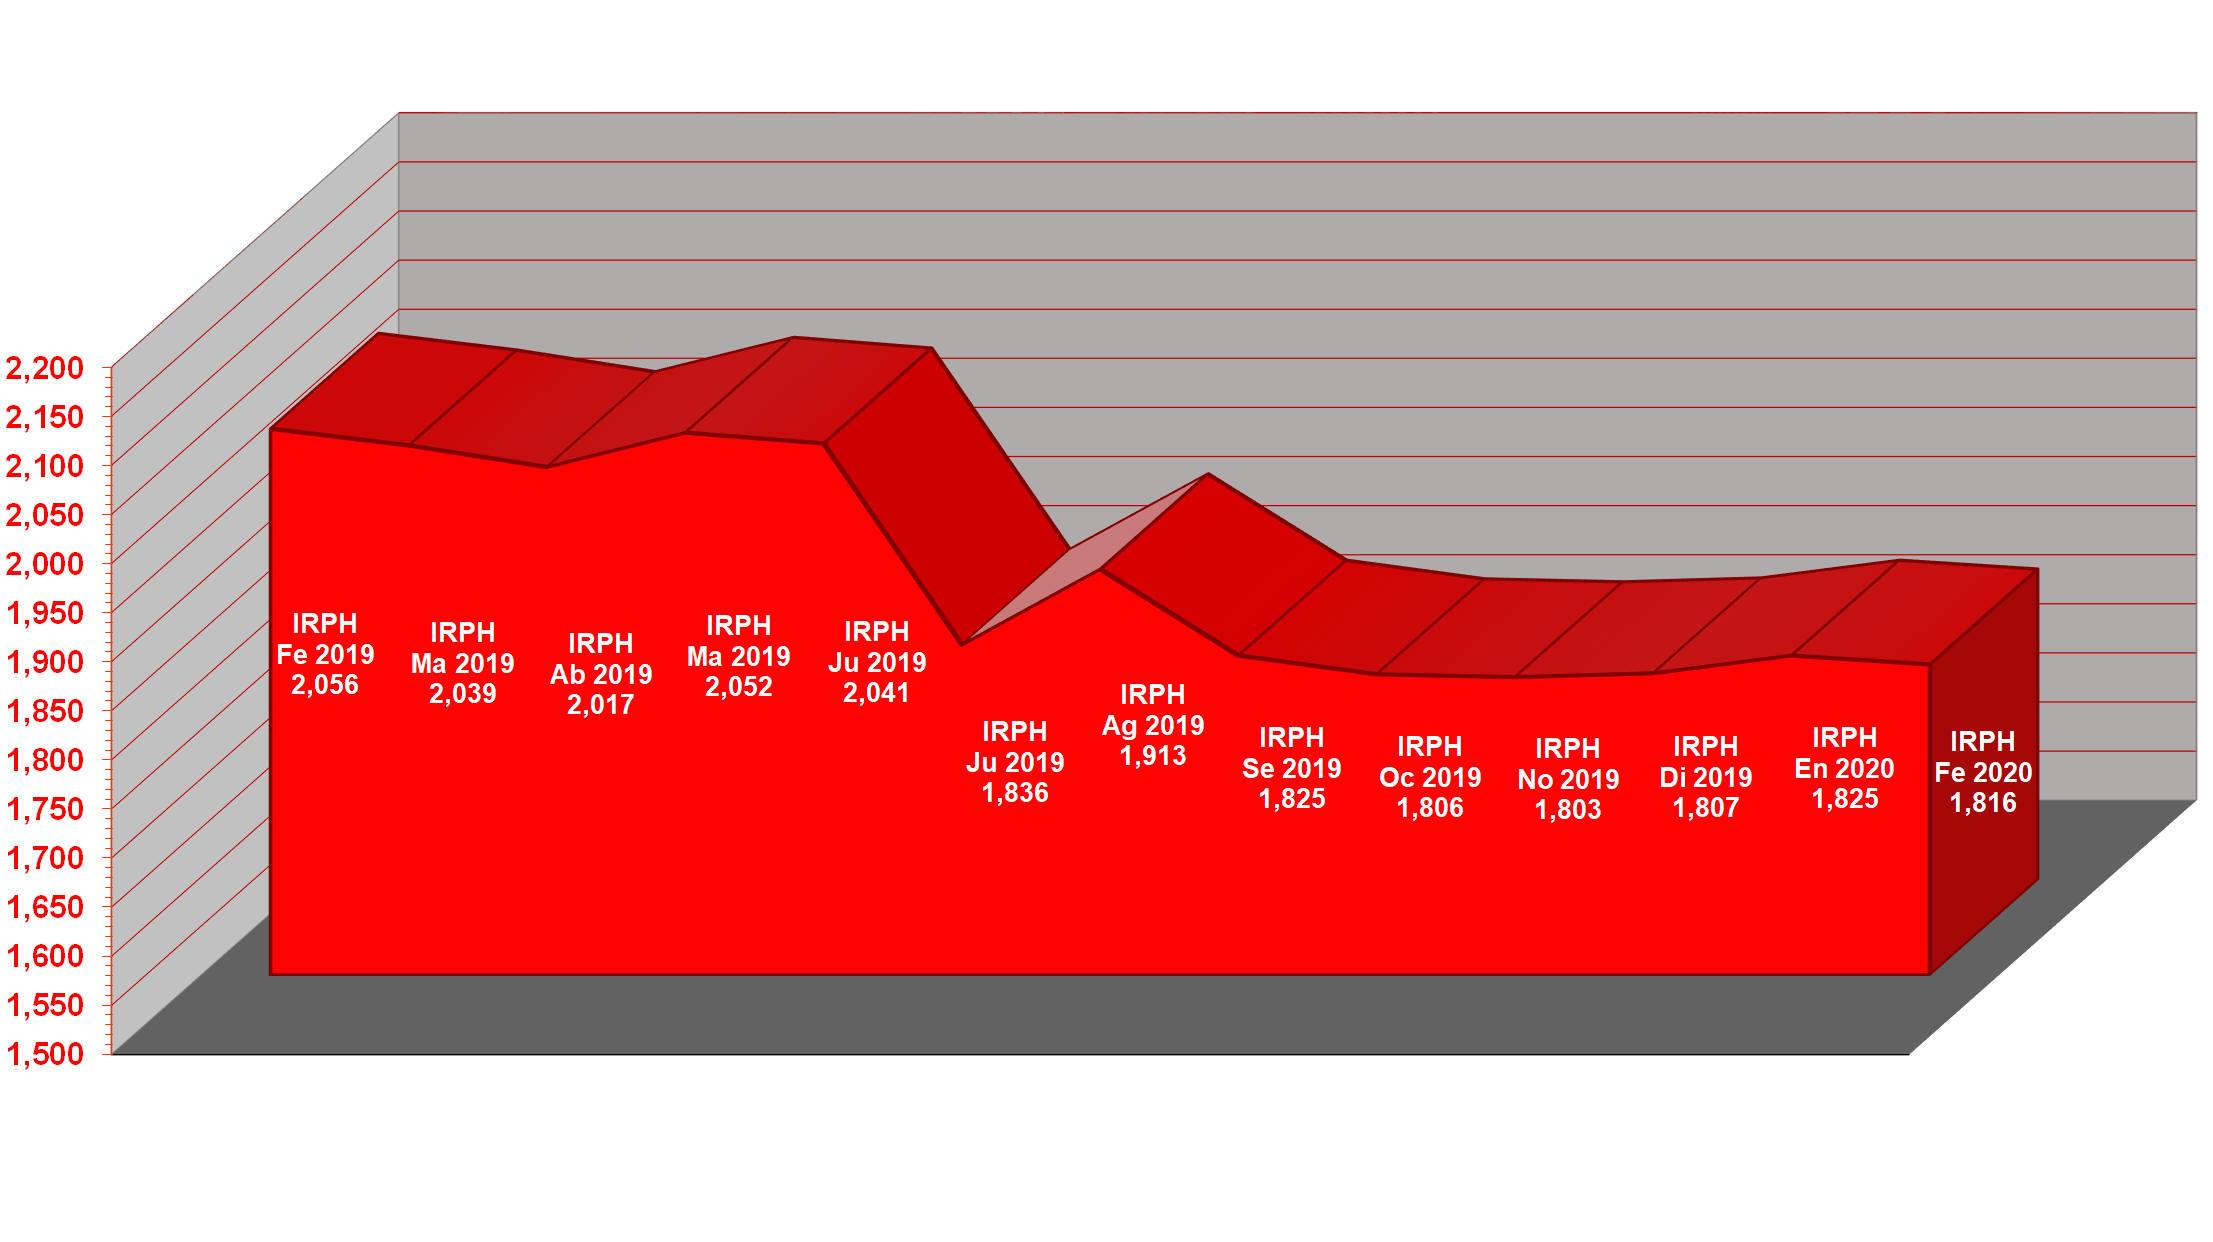 Gráfico IRPH 2020